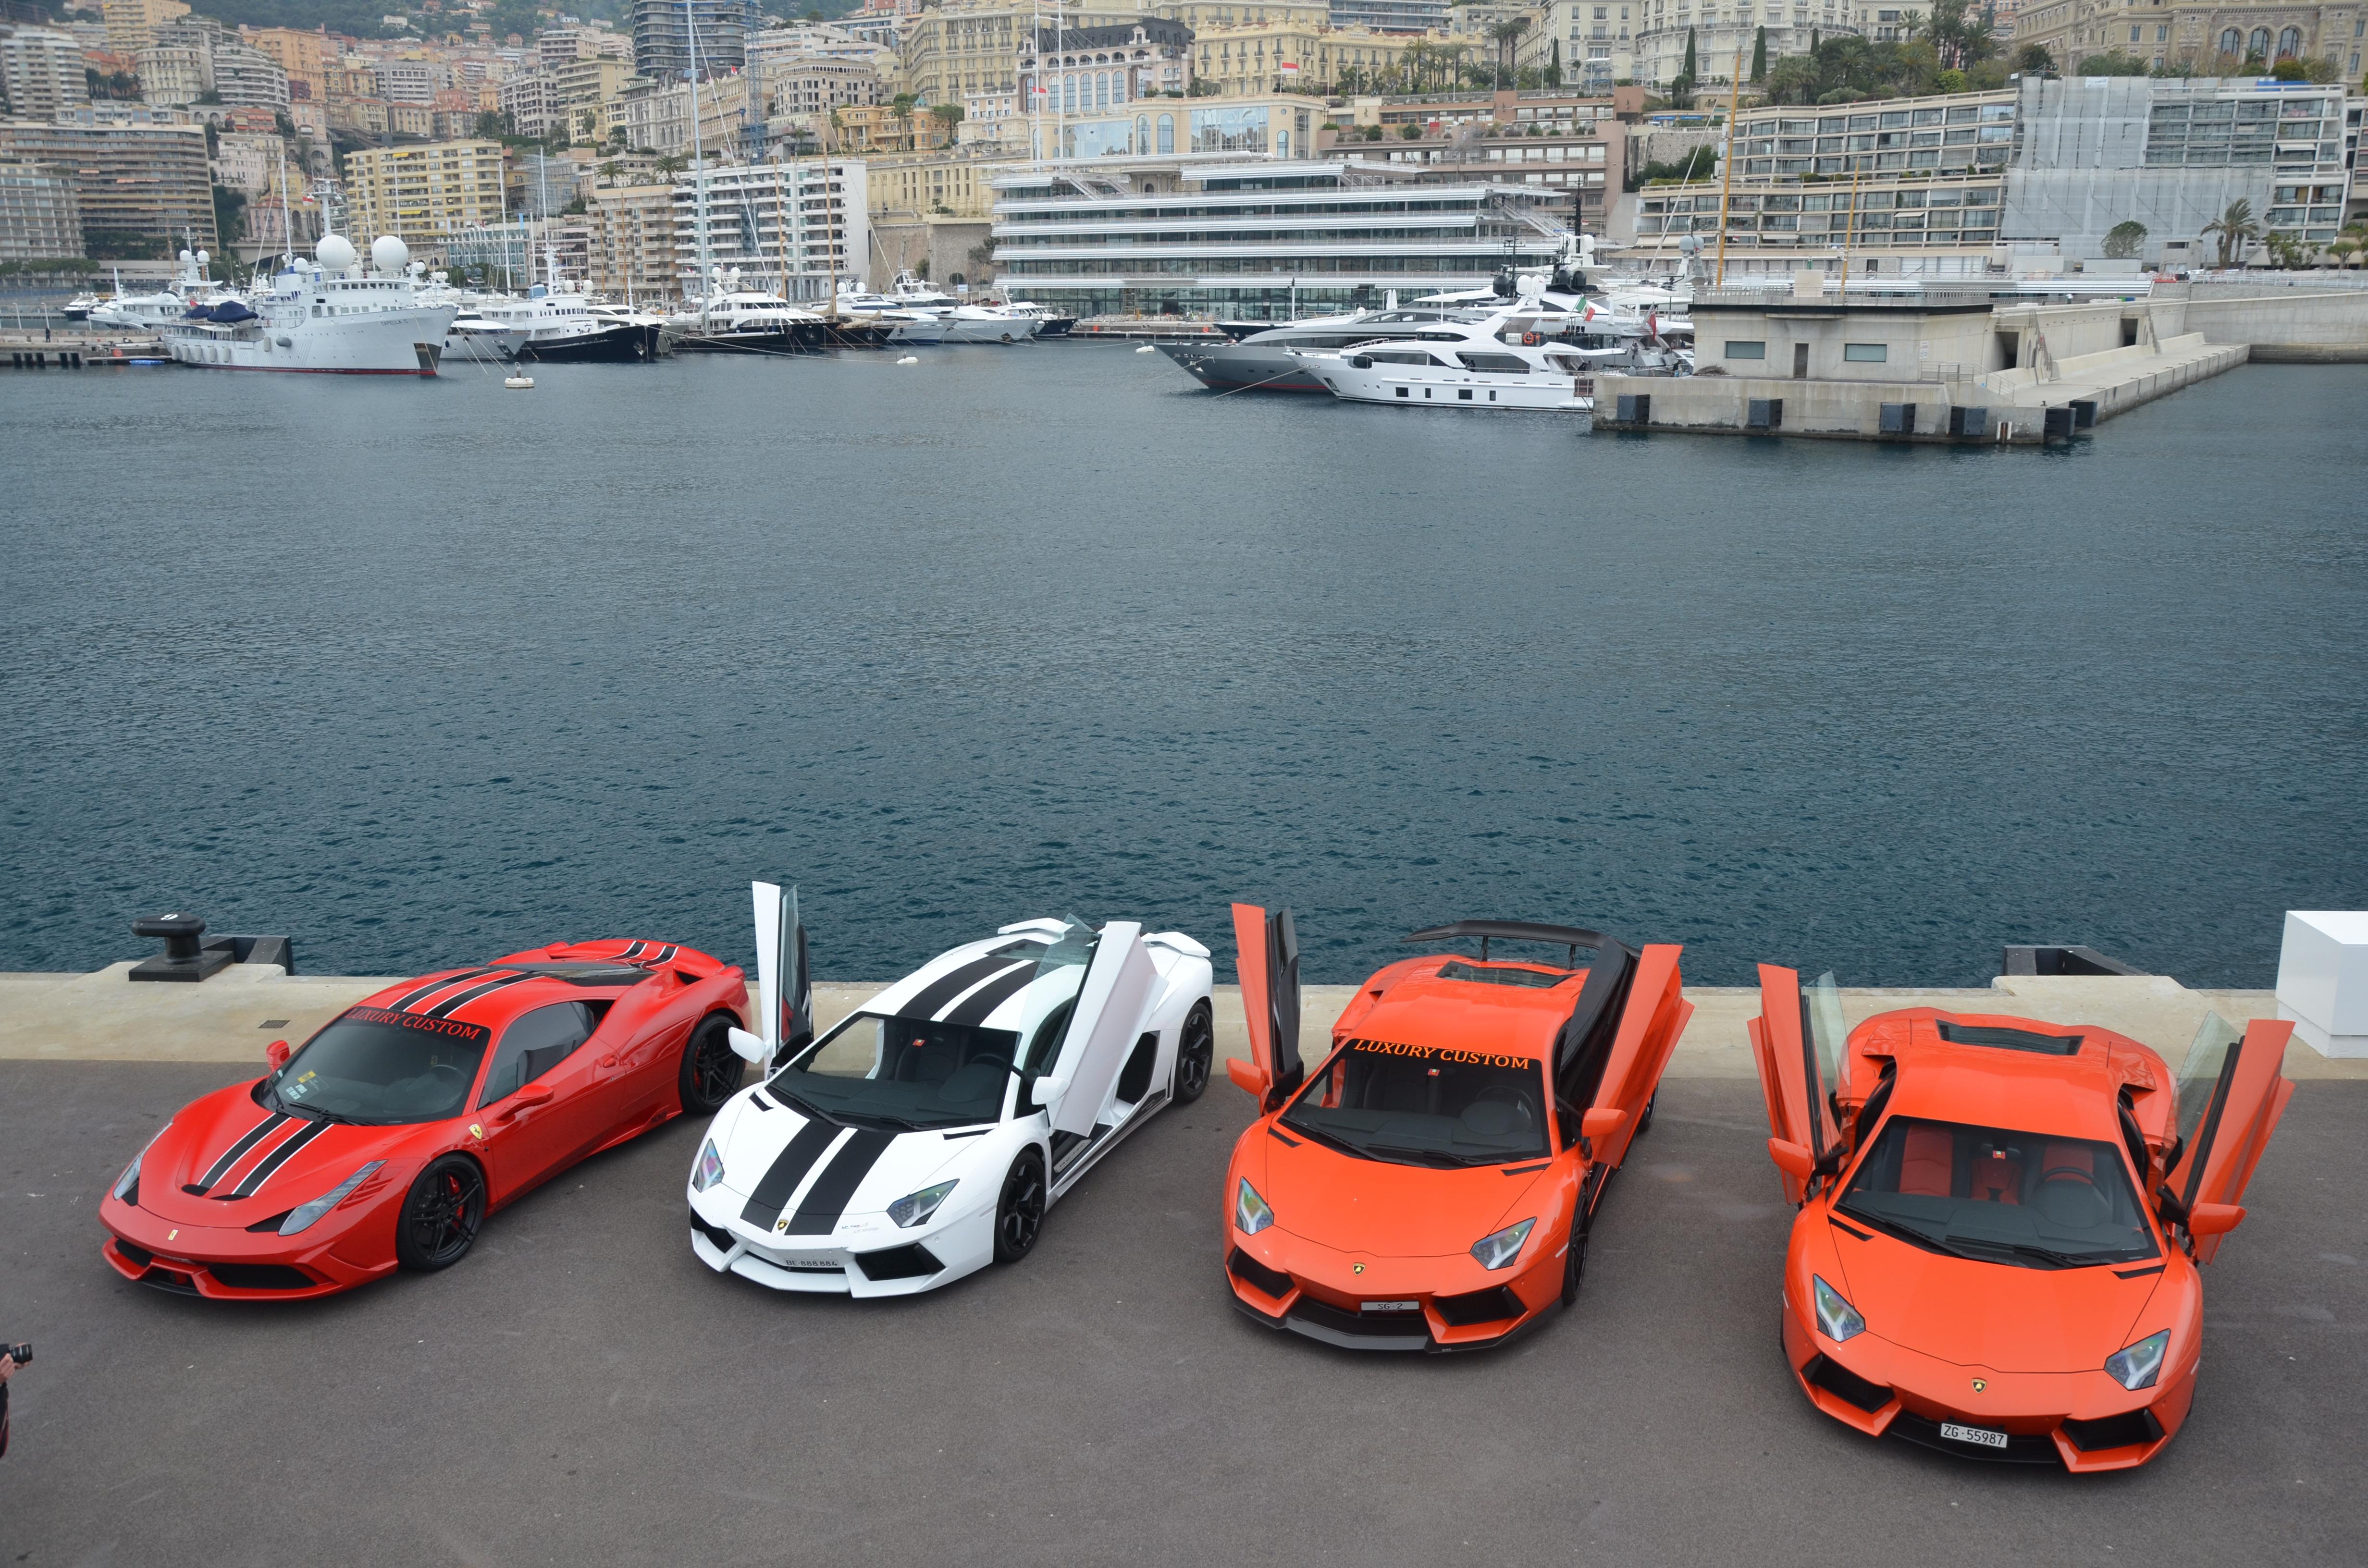 Top Marques Monaco 2014 - www.hartvoorautos.nl